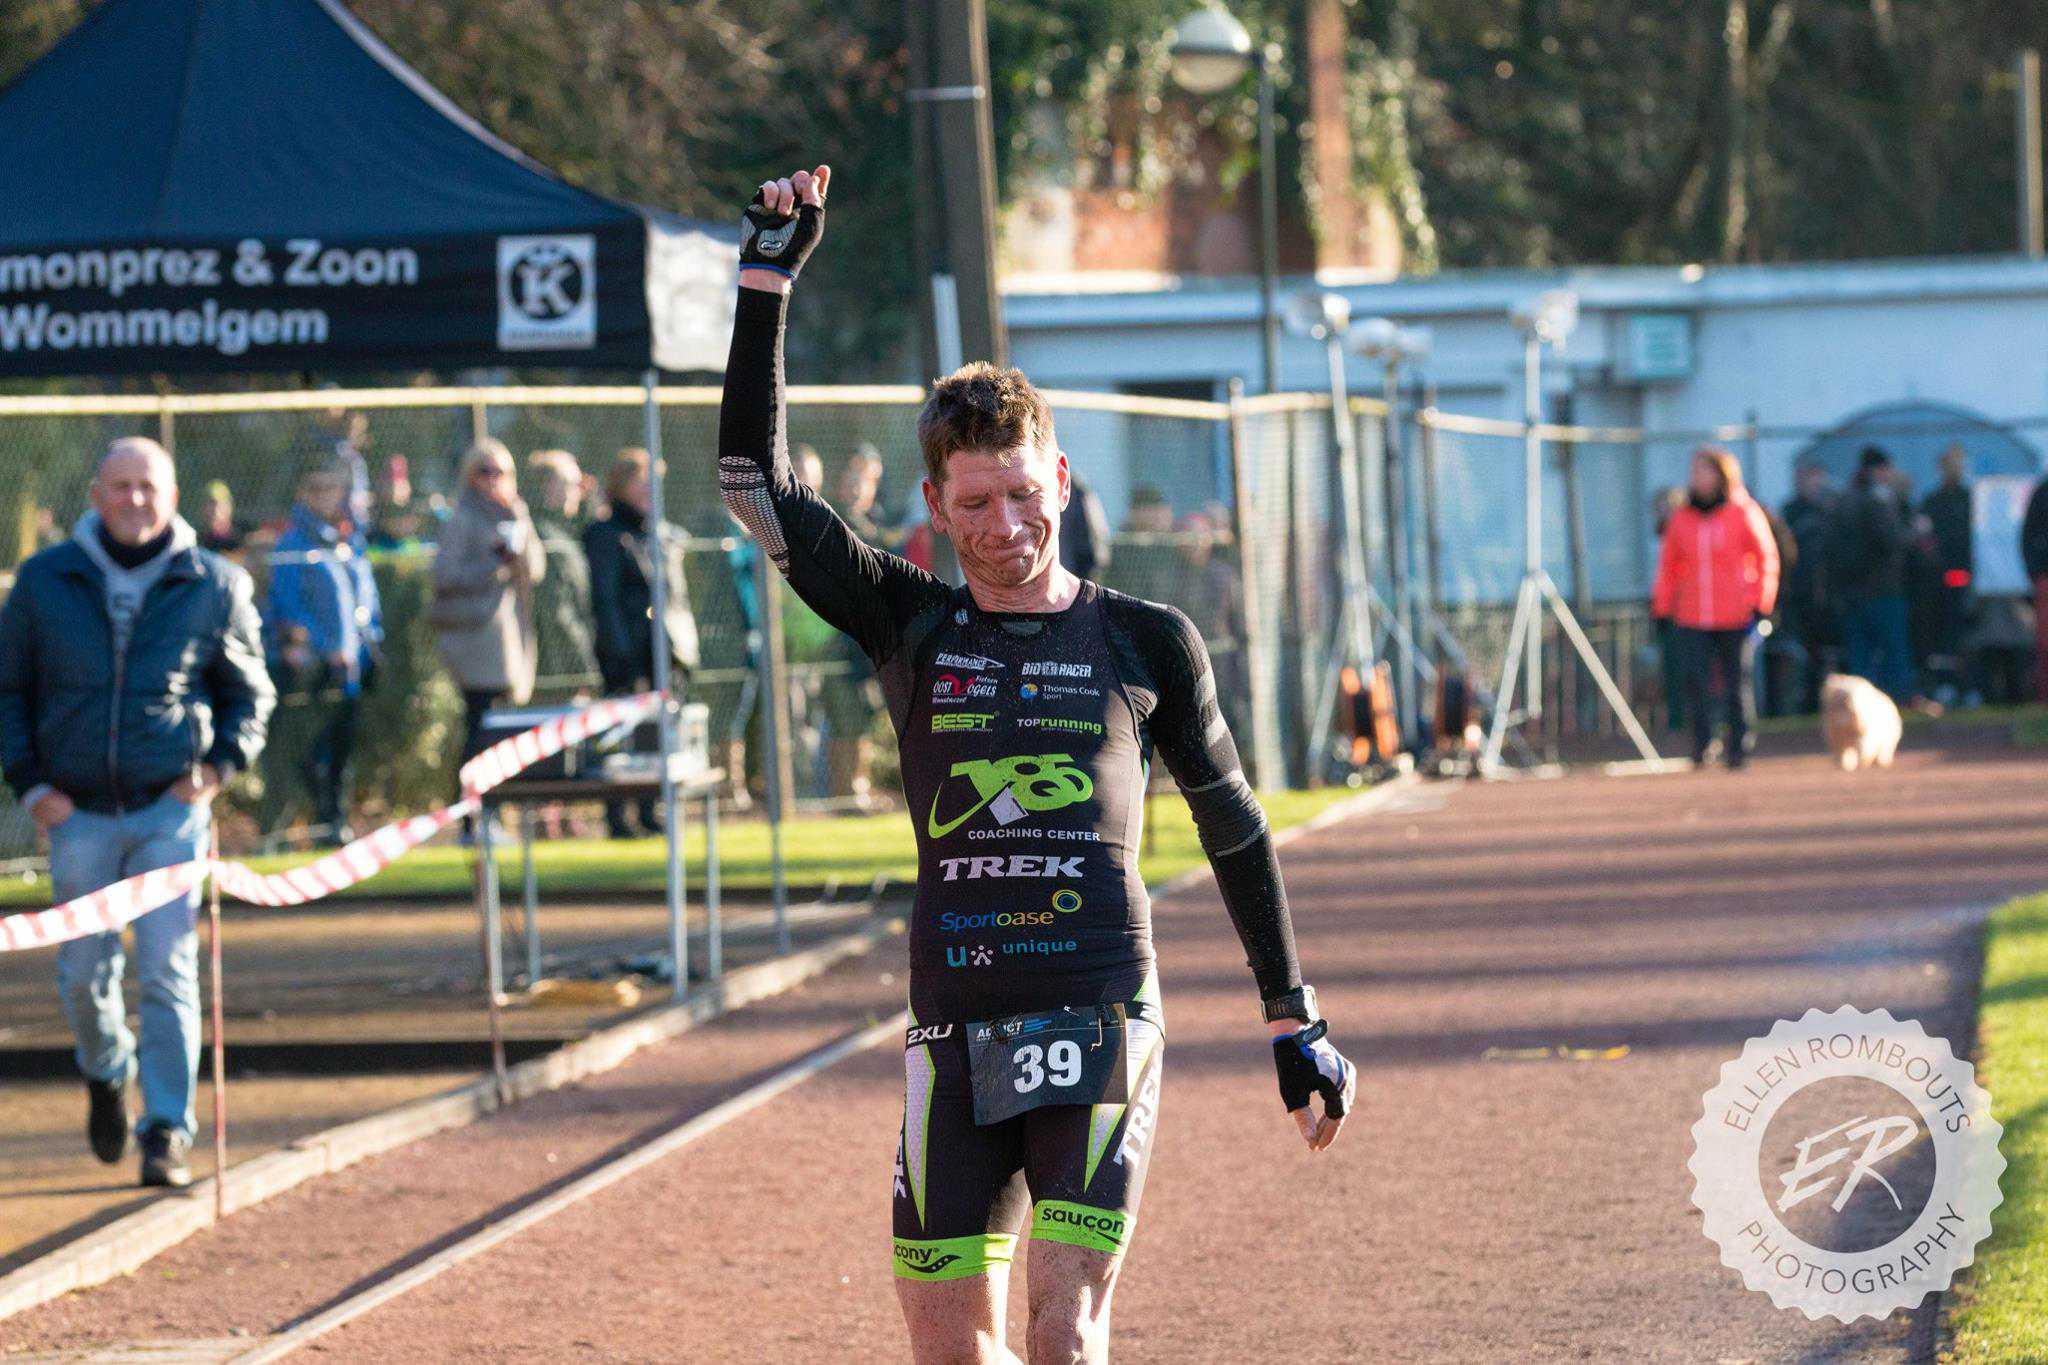 Wielrenner maakt het triatleten lastig in Wommelgem